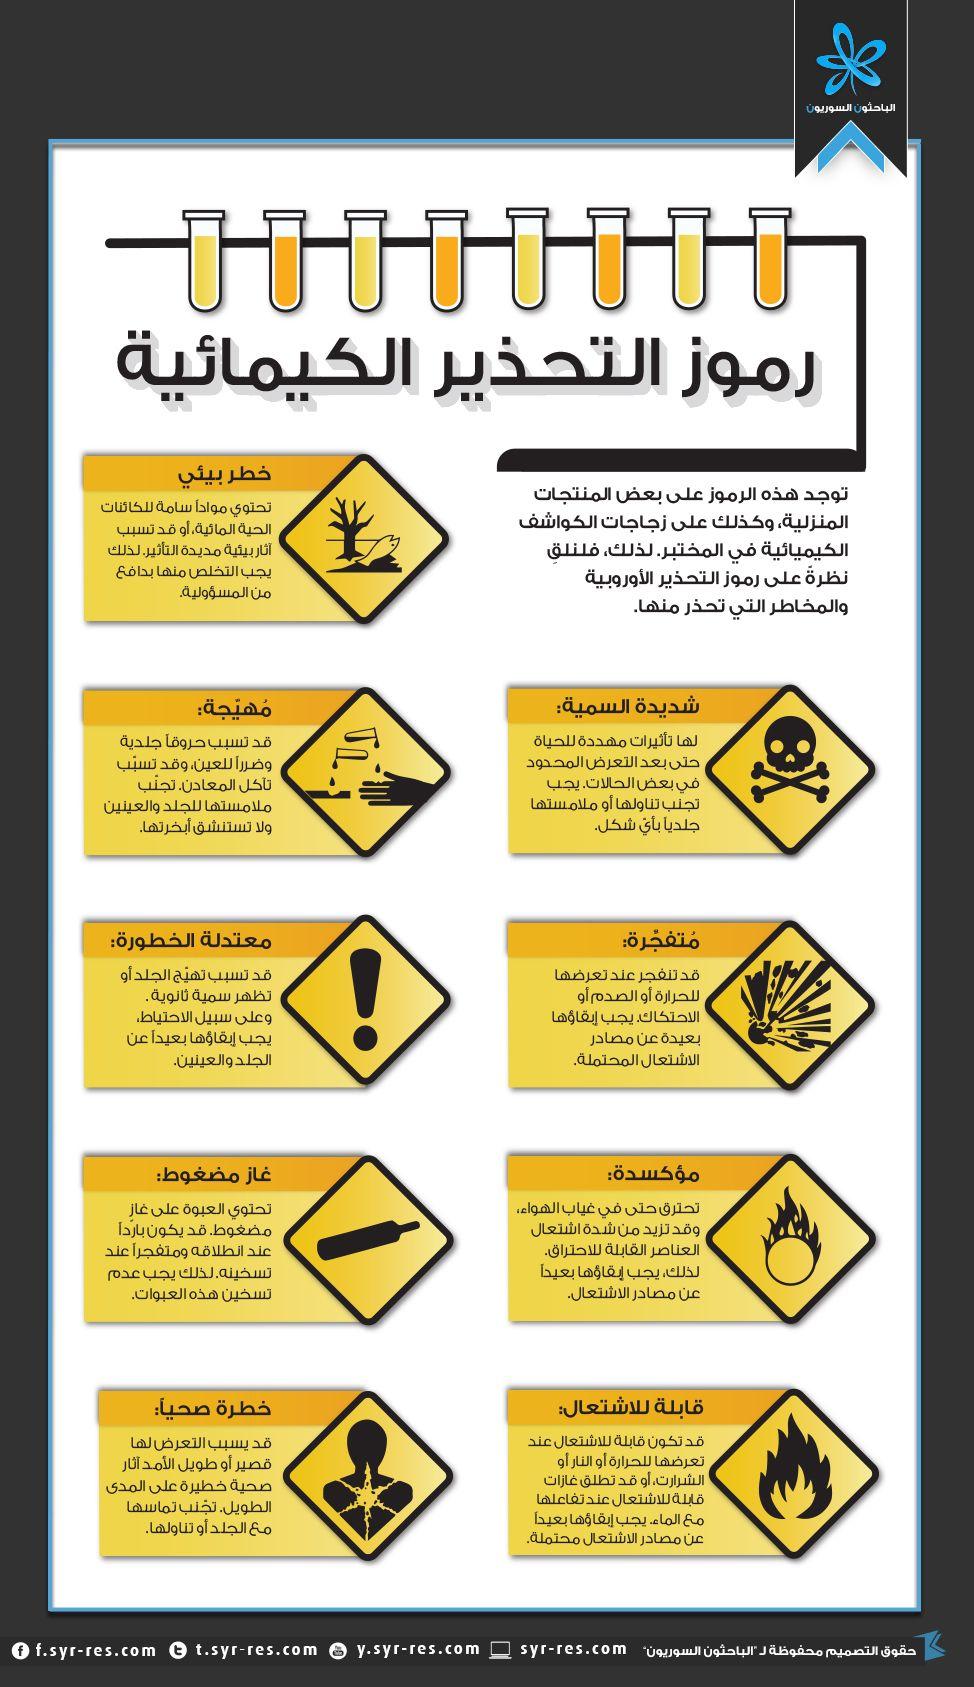 رموز التحذير الكيميائية